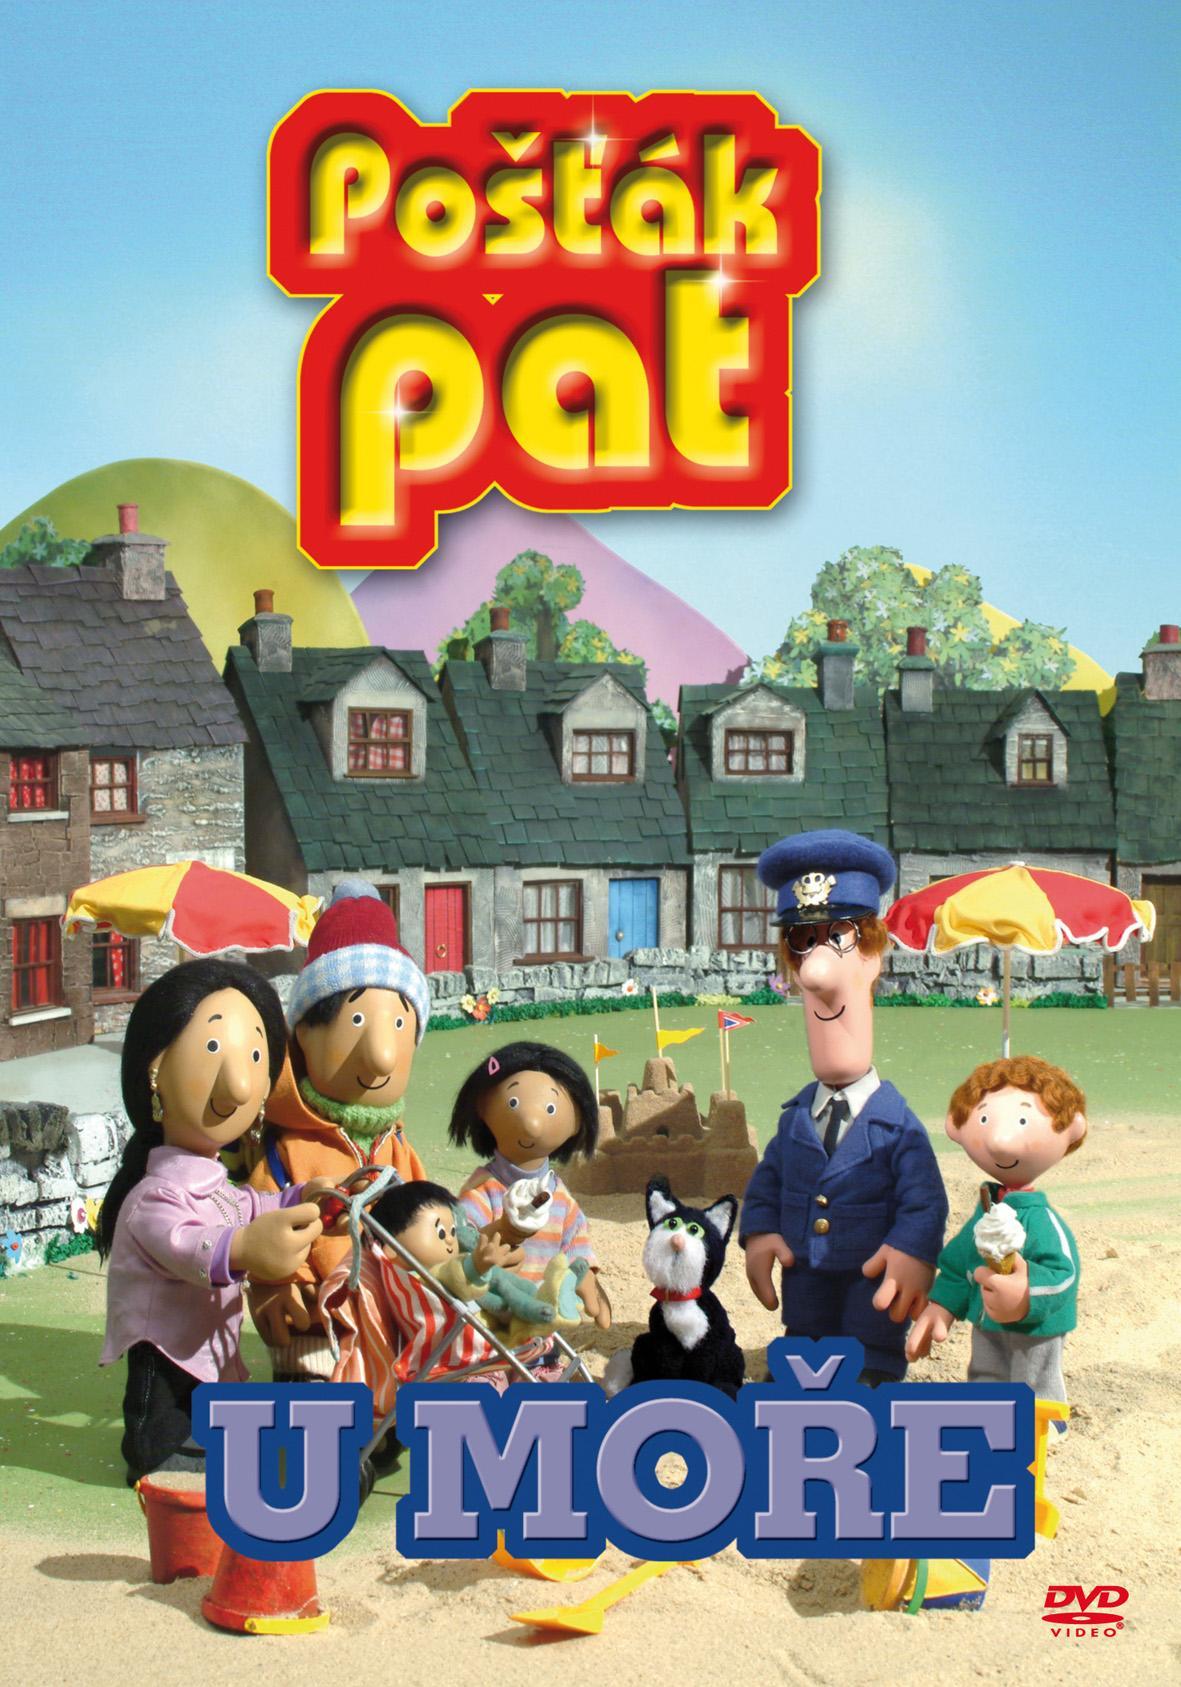 POŠŤÁK PAT 4 - U MOŘE - DVD